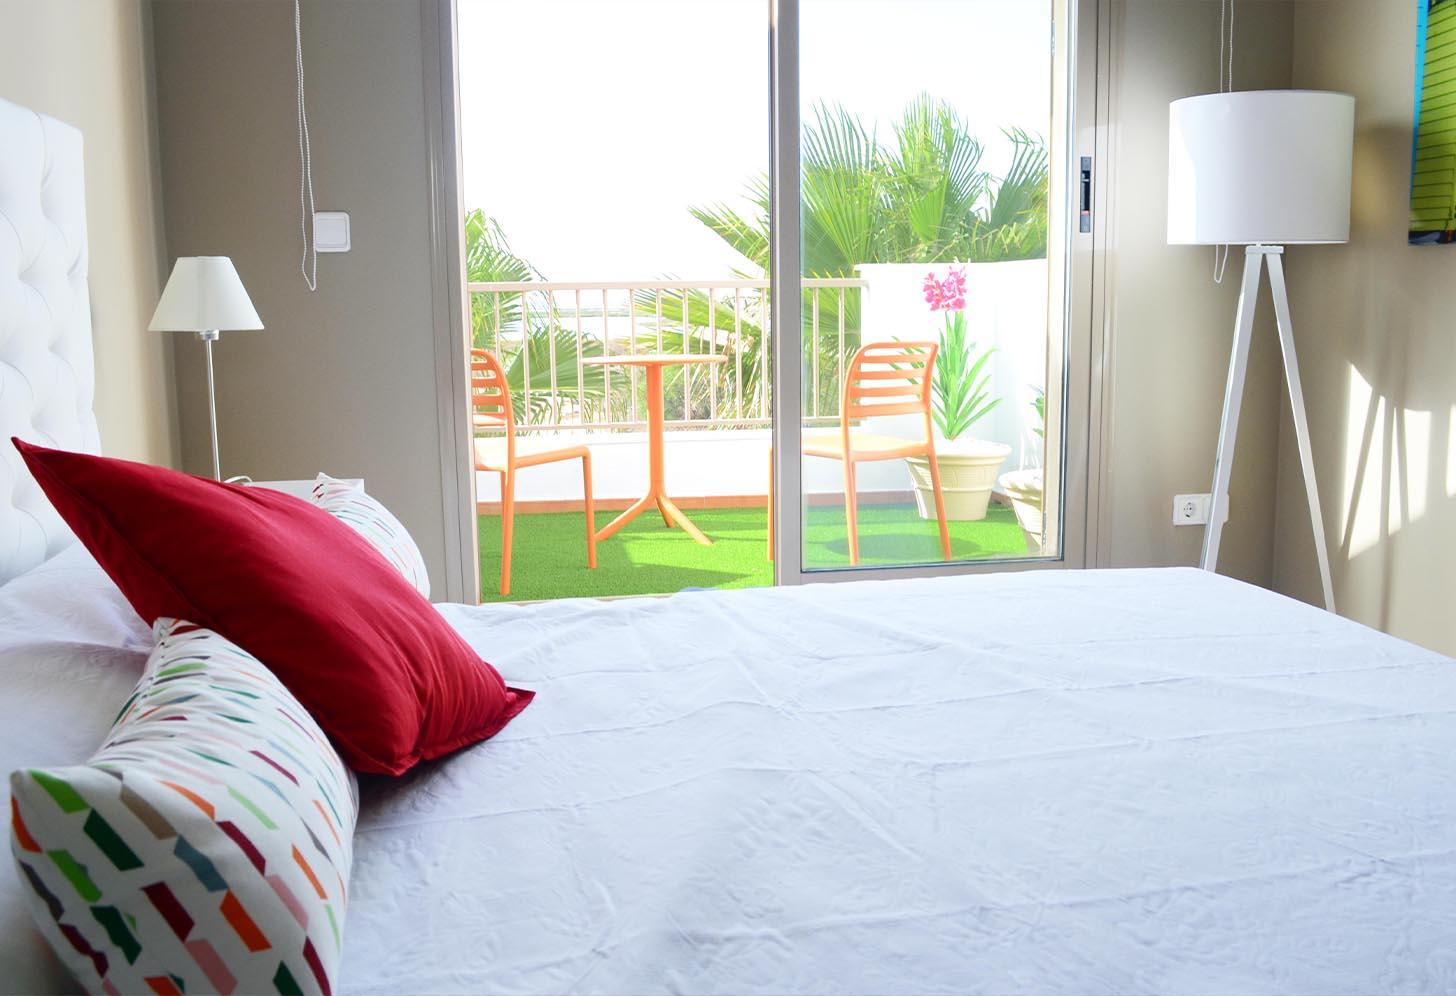 immobilier neuf espagne costa blanca on-d10 la isla villas chambre 1